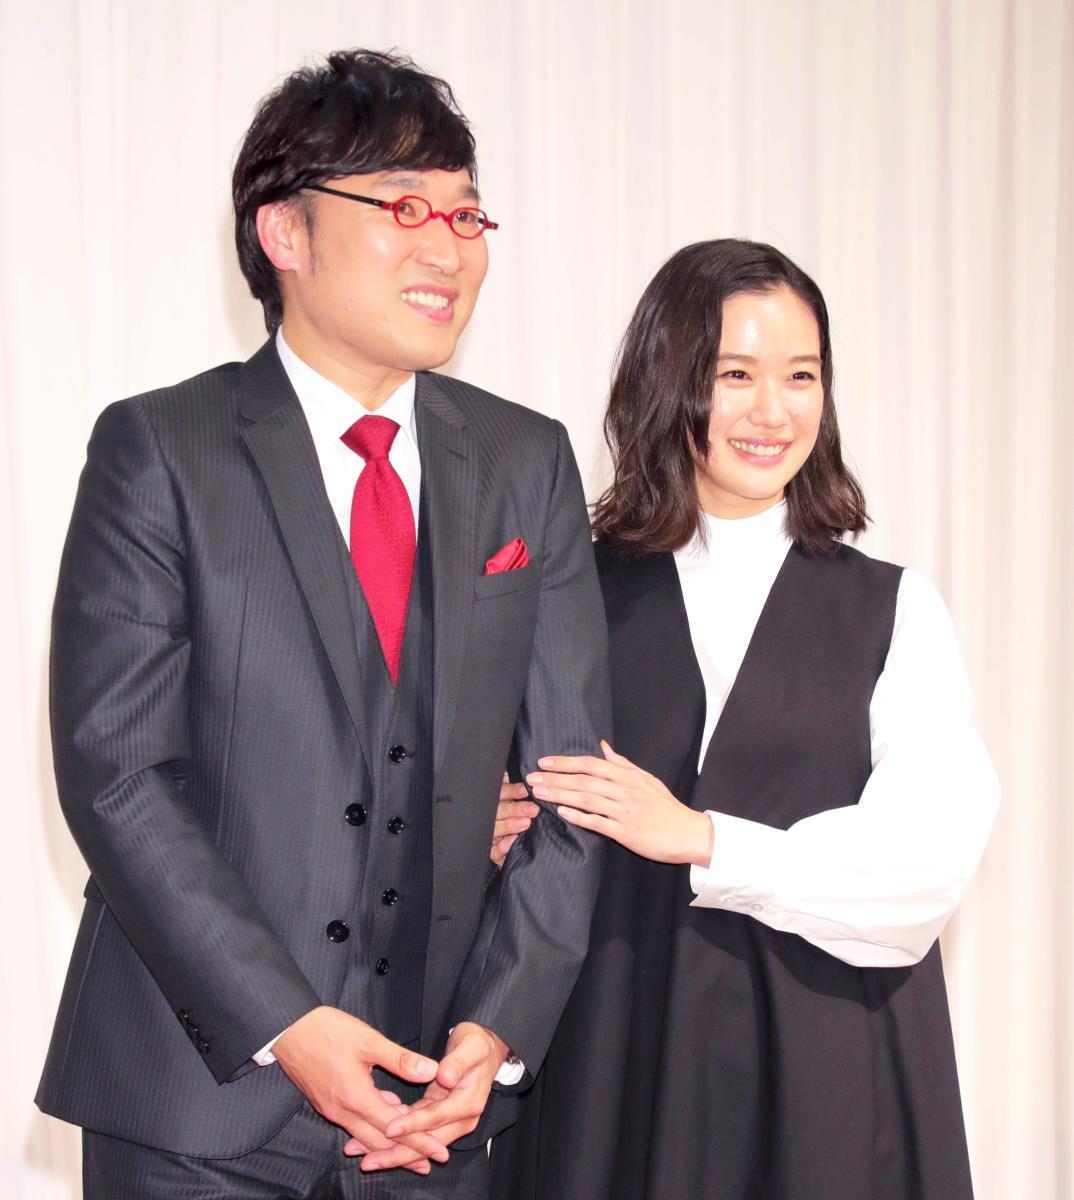 結婚会見を行った山里亮太と蒼井優